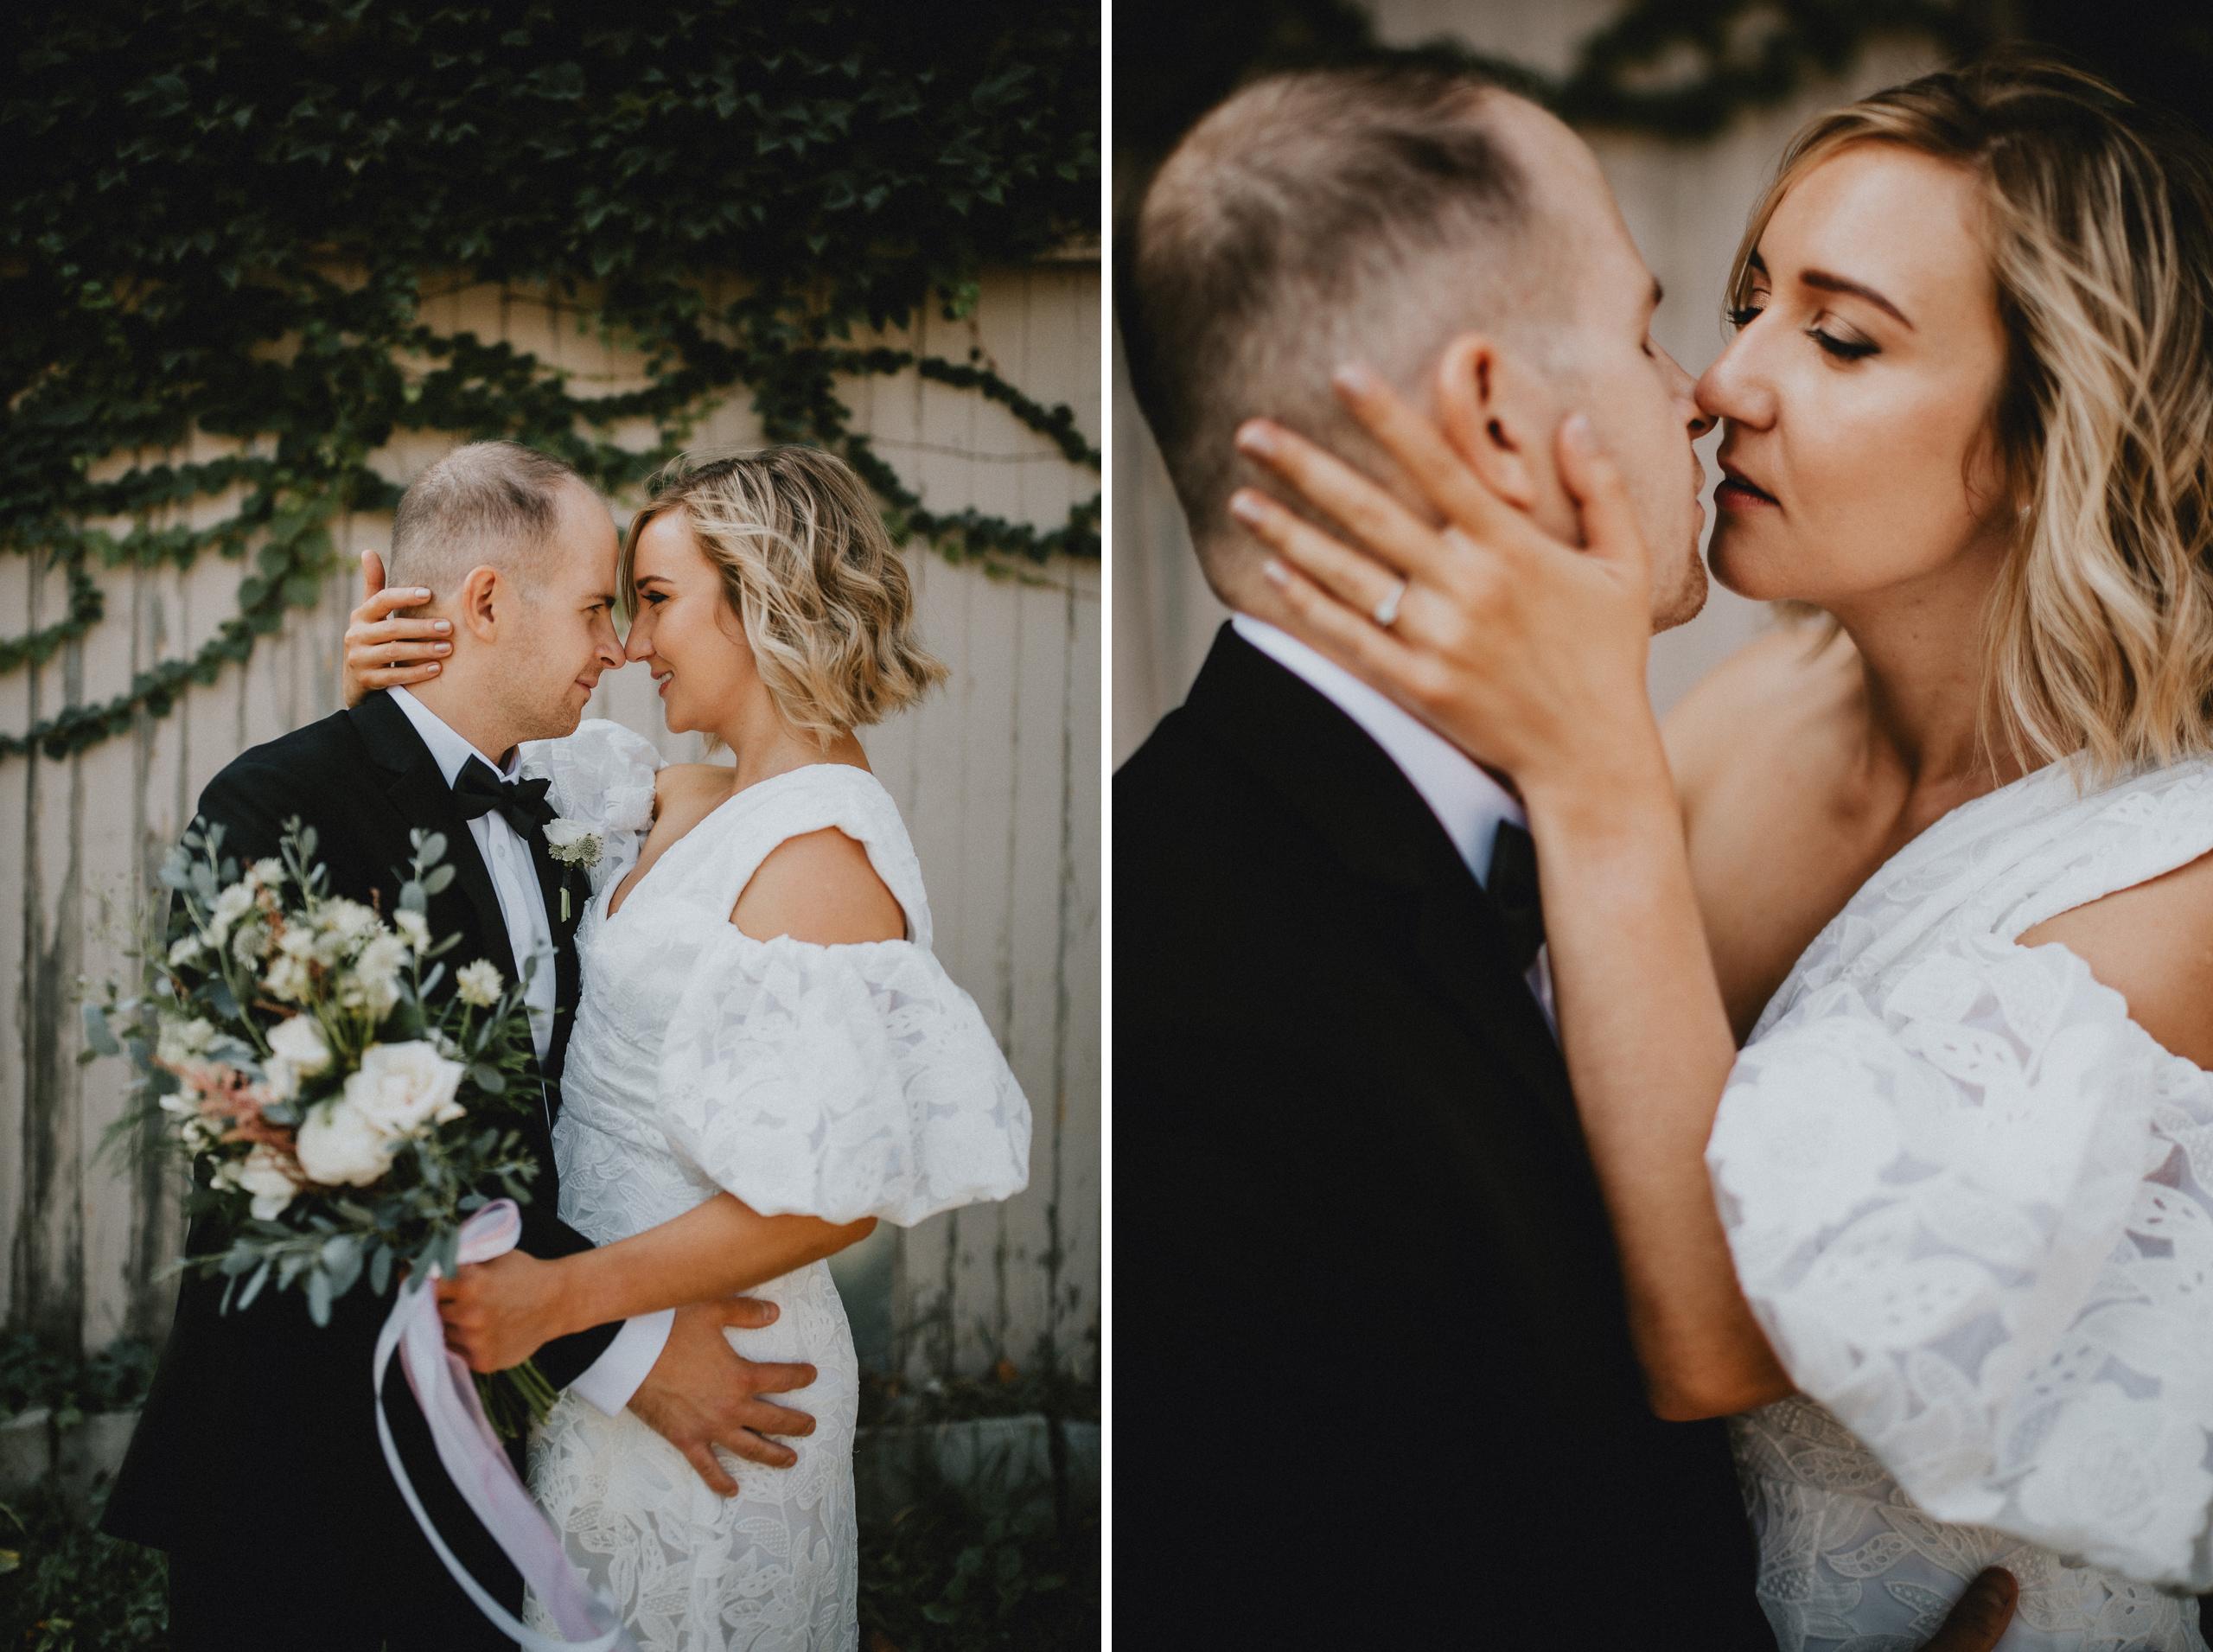 romantic wedding elopement bride groom notl film photographer